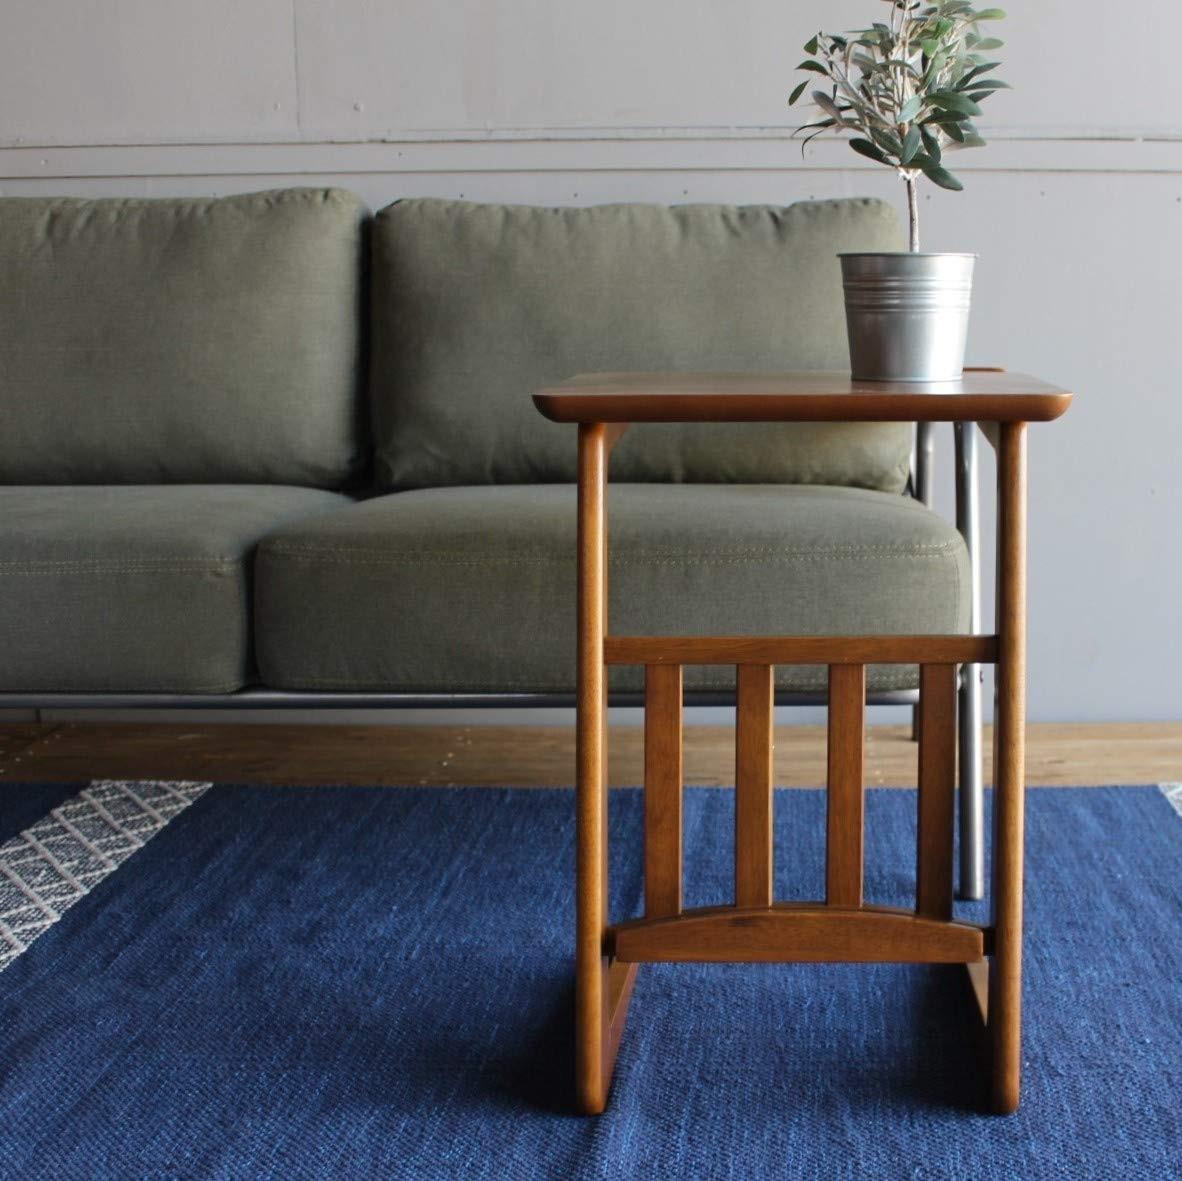 東谷 ソファテーブル W400×D410×H540mm TAC-239WAL ウォールナット色の商品画像|3